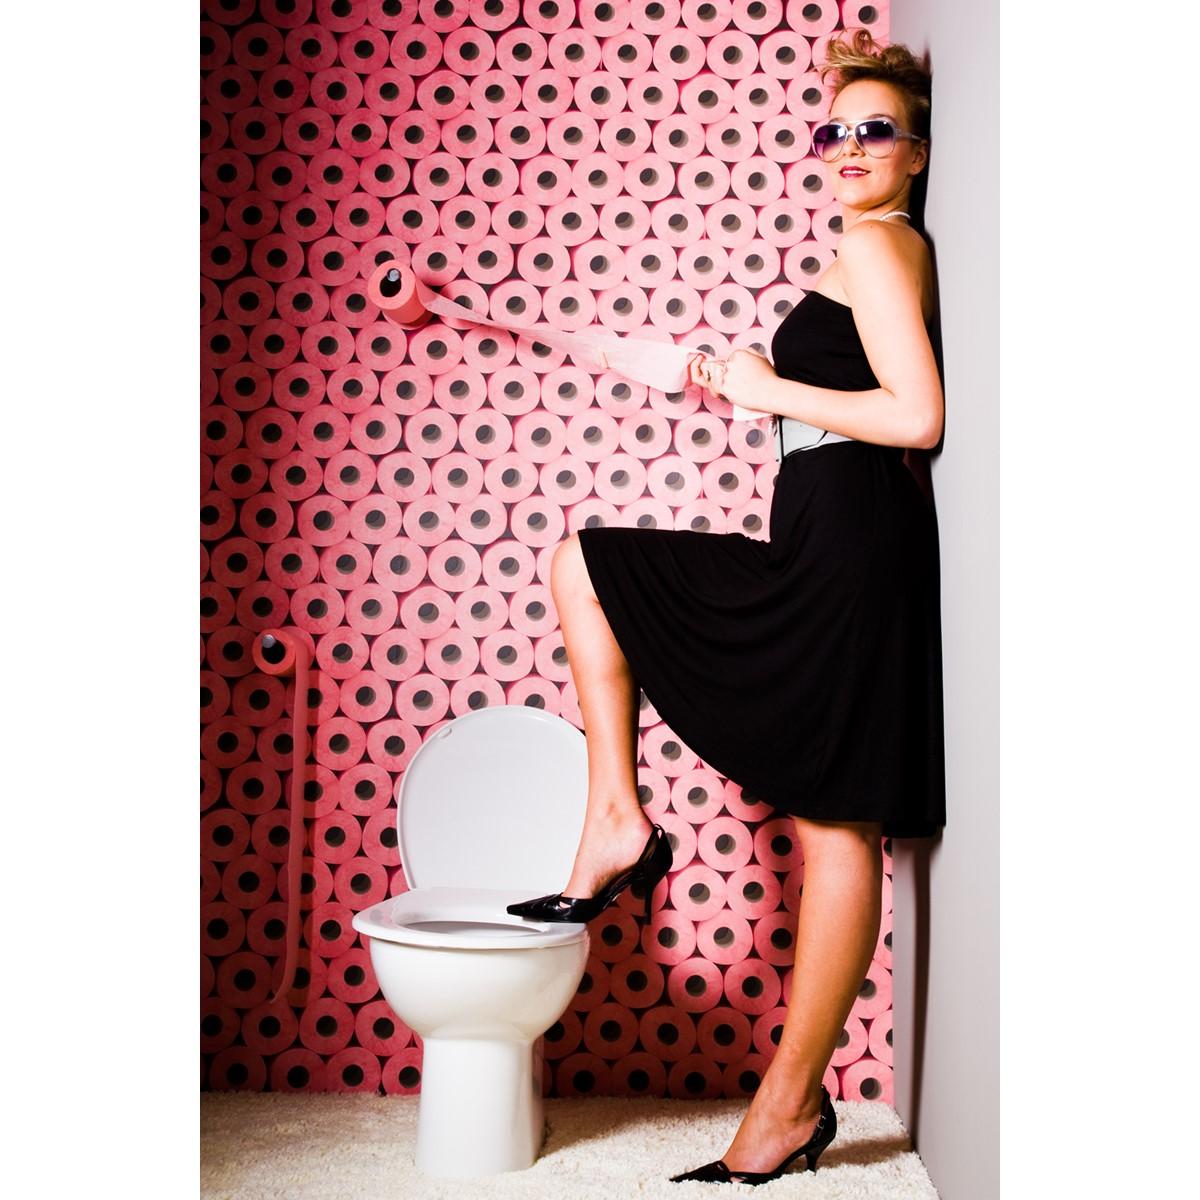 Papier peint rouleau de papier toilette rose - Rouleaux de papier toilette ...